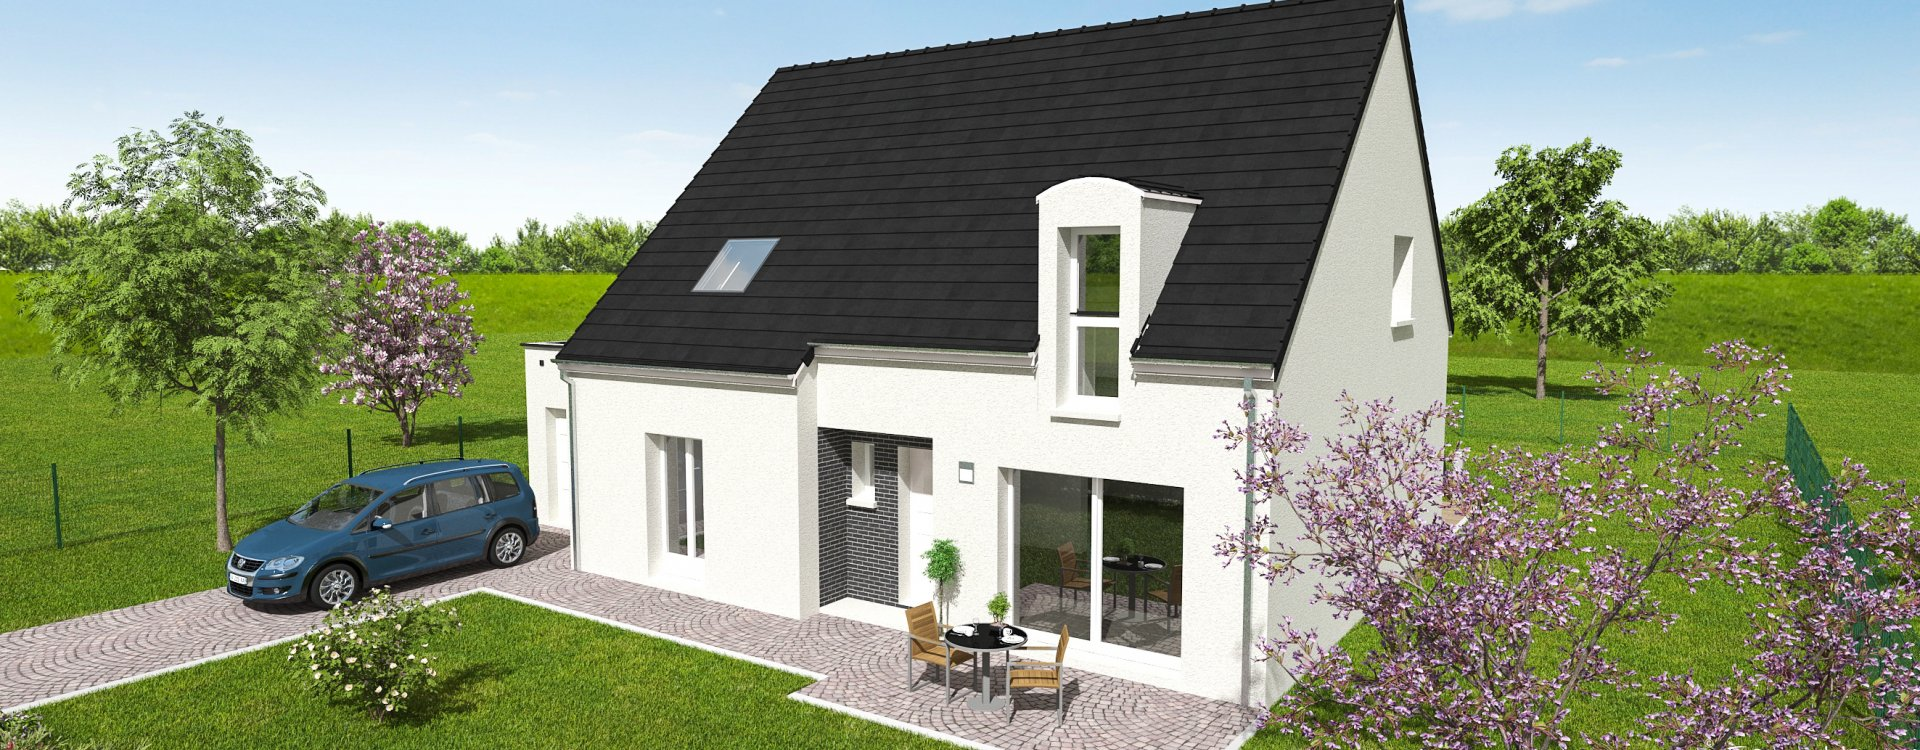 Maisons + Terrains du constructeur EASY HOUSE FRANCE • 145 m² • LA CHAPELLE SAINT MESMIN